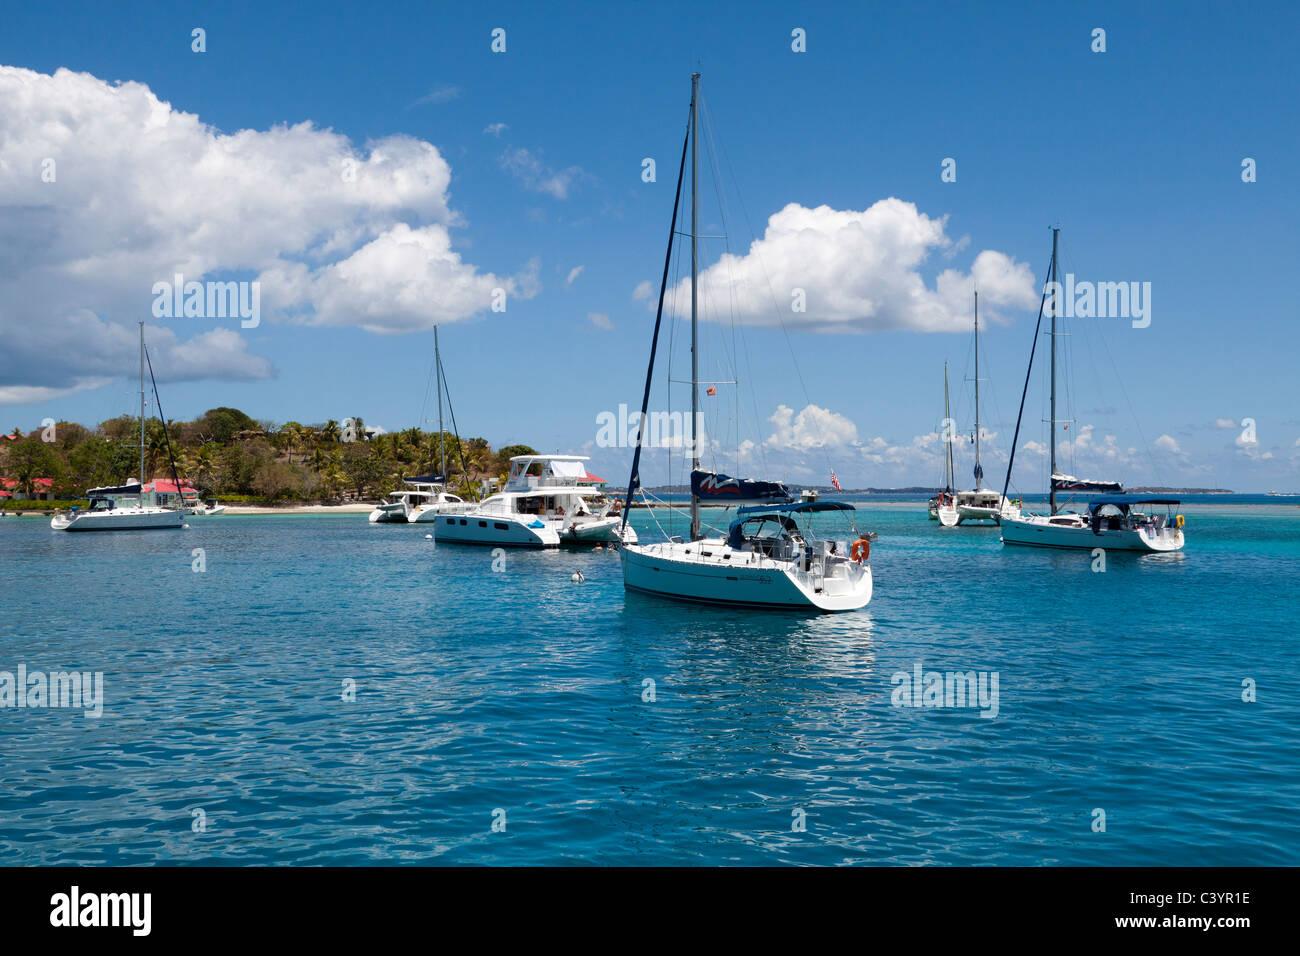 Veleros amarrados en el agua turquesa a Marina Cay en Tortola en las Islas Vírgenes Británicas Foto de stock